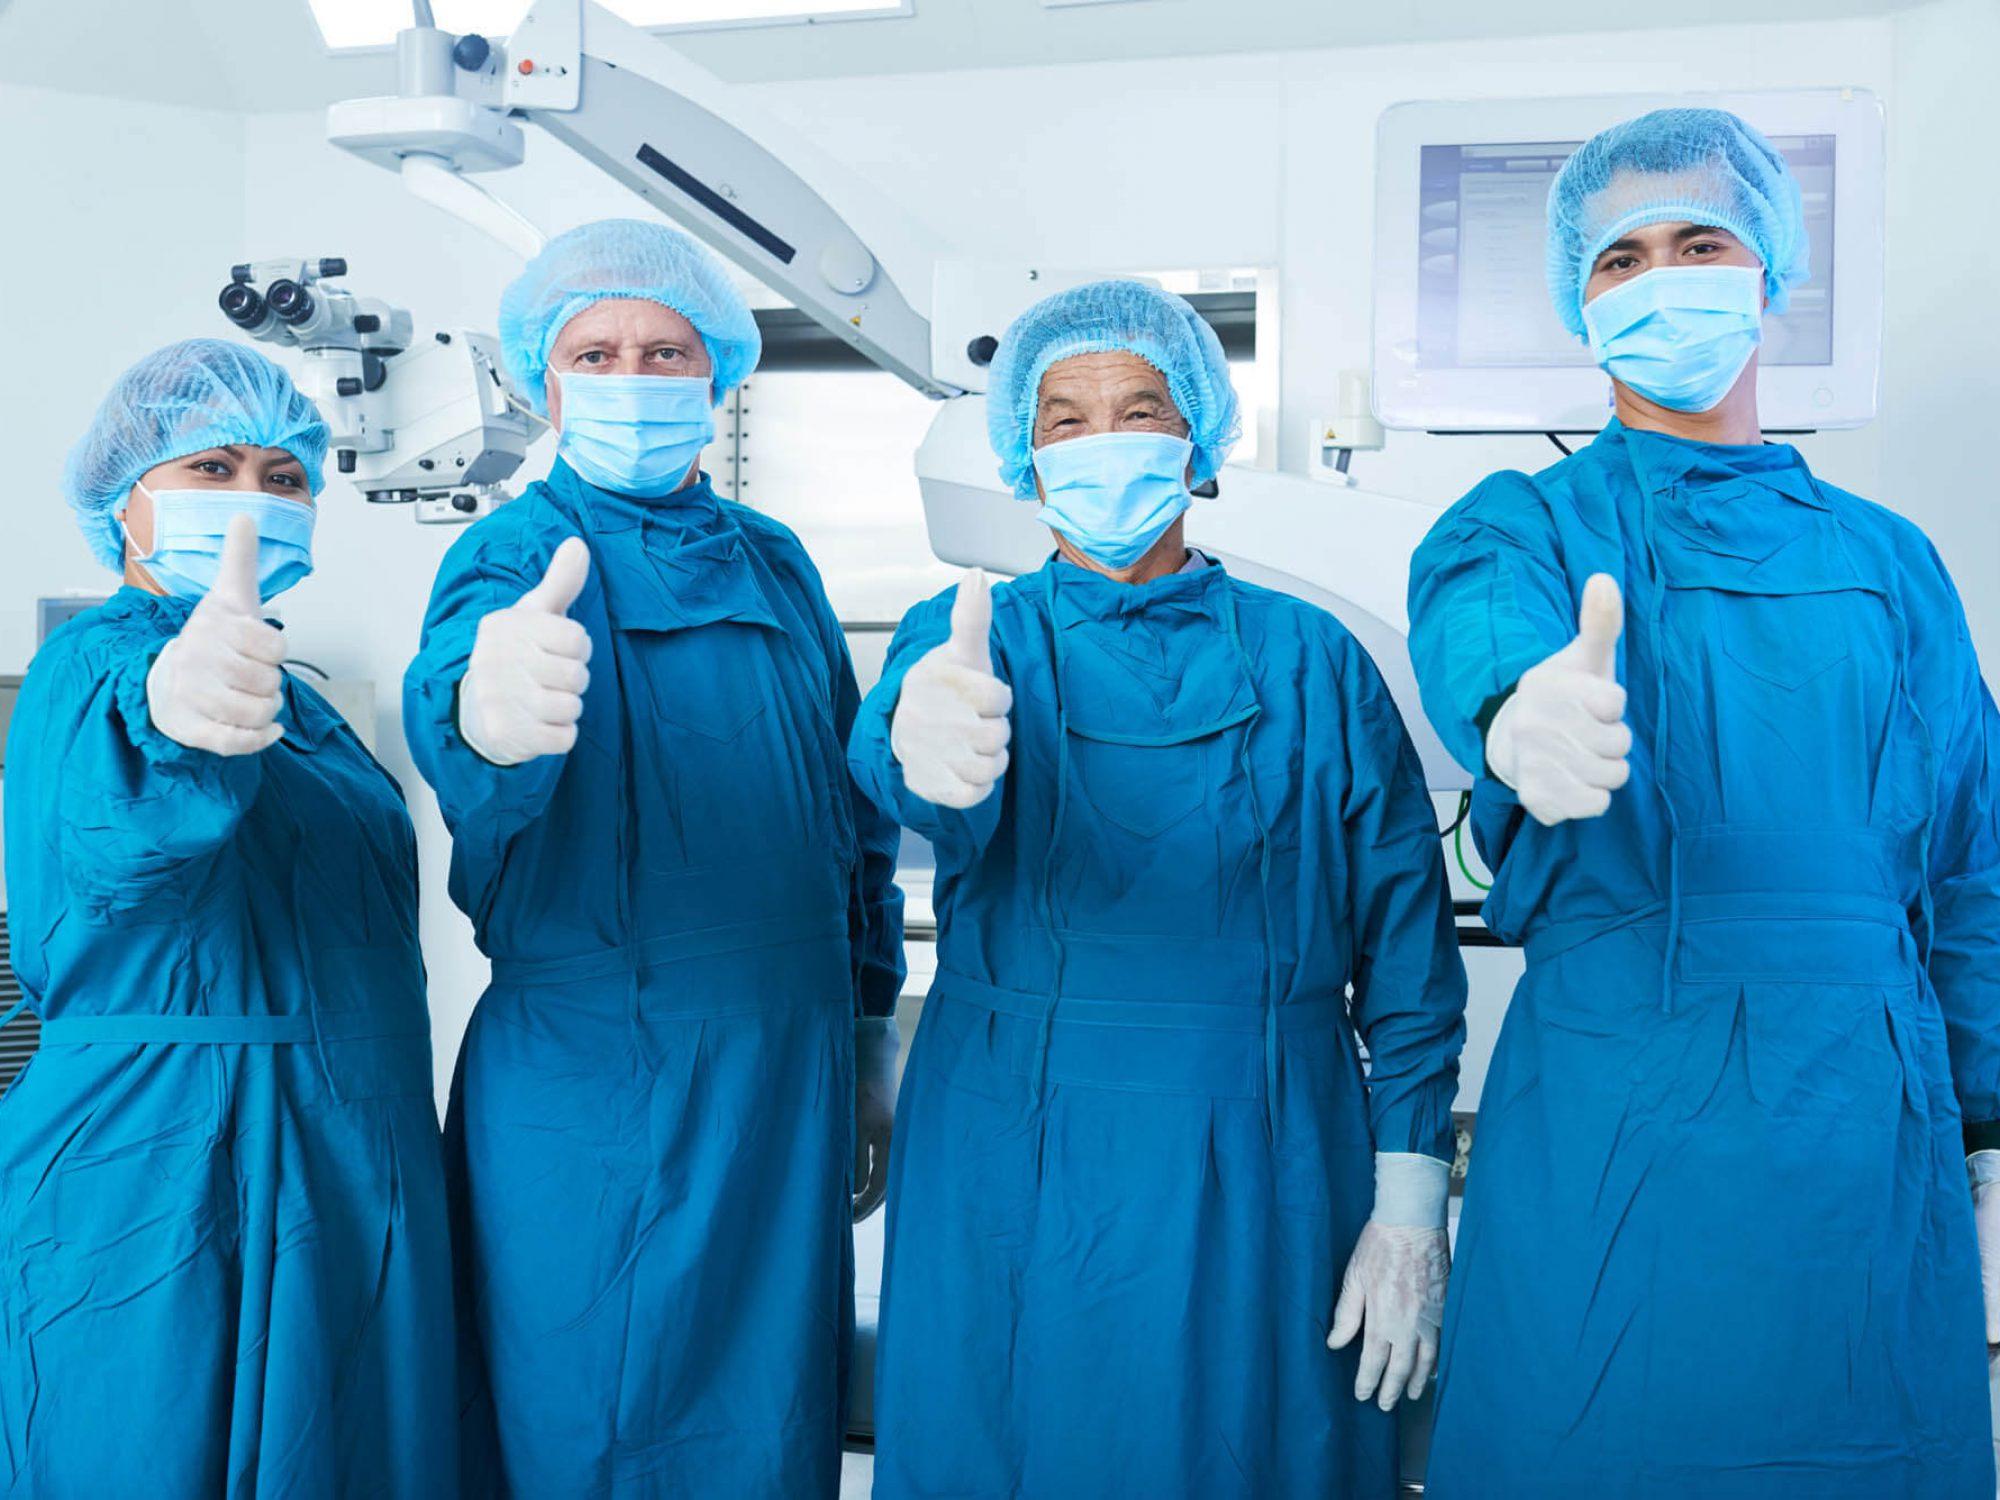 יתרונות עיקריים של הניתוח הבריאטרי